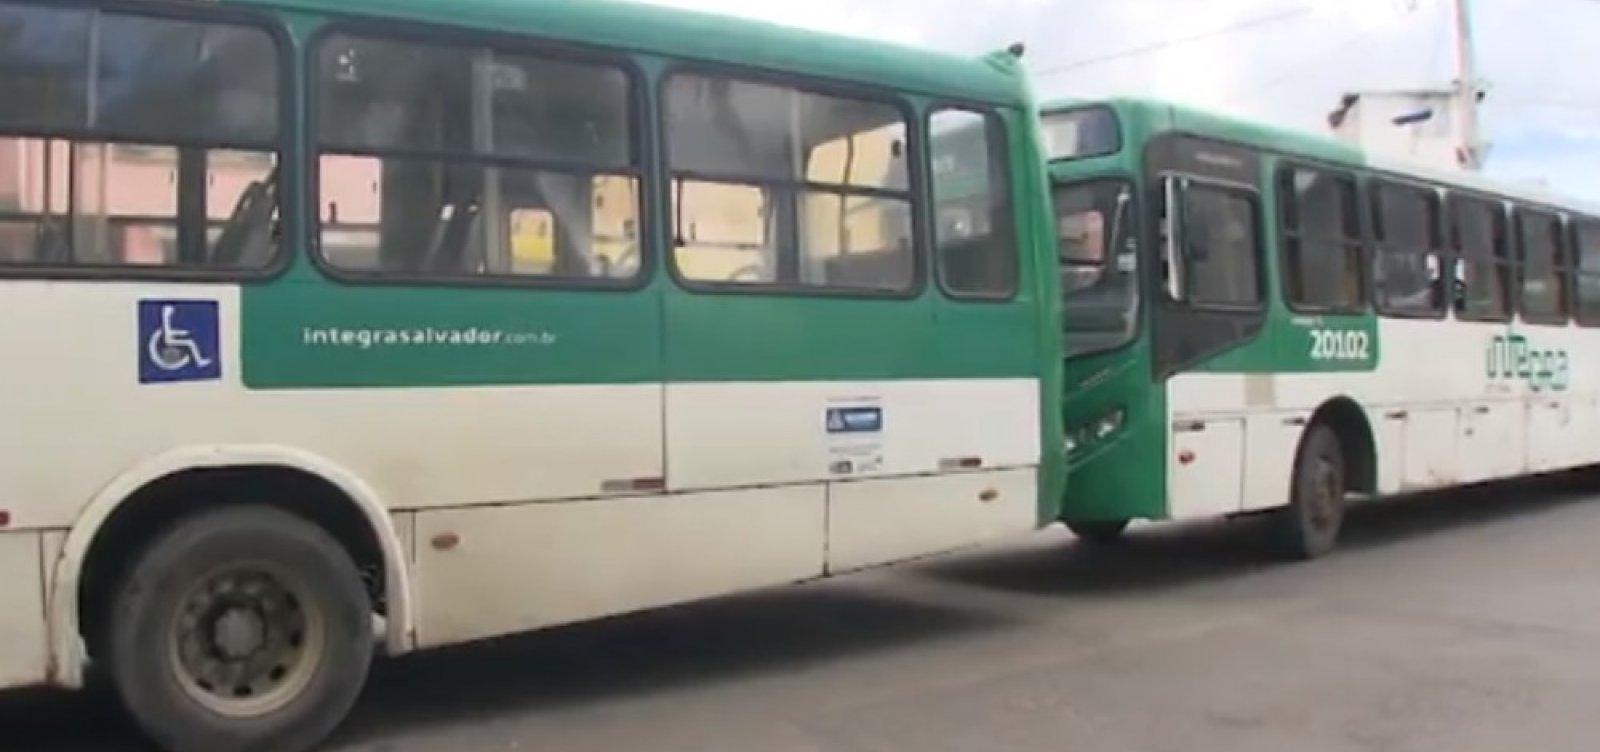 Prefeitura anuncia aumento na frota de ônibus para evitar aglomerações nos pontos